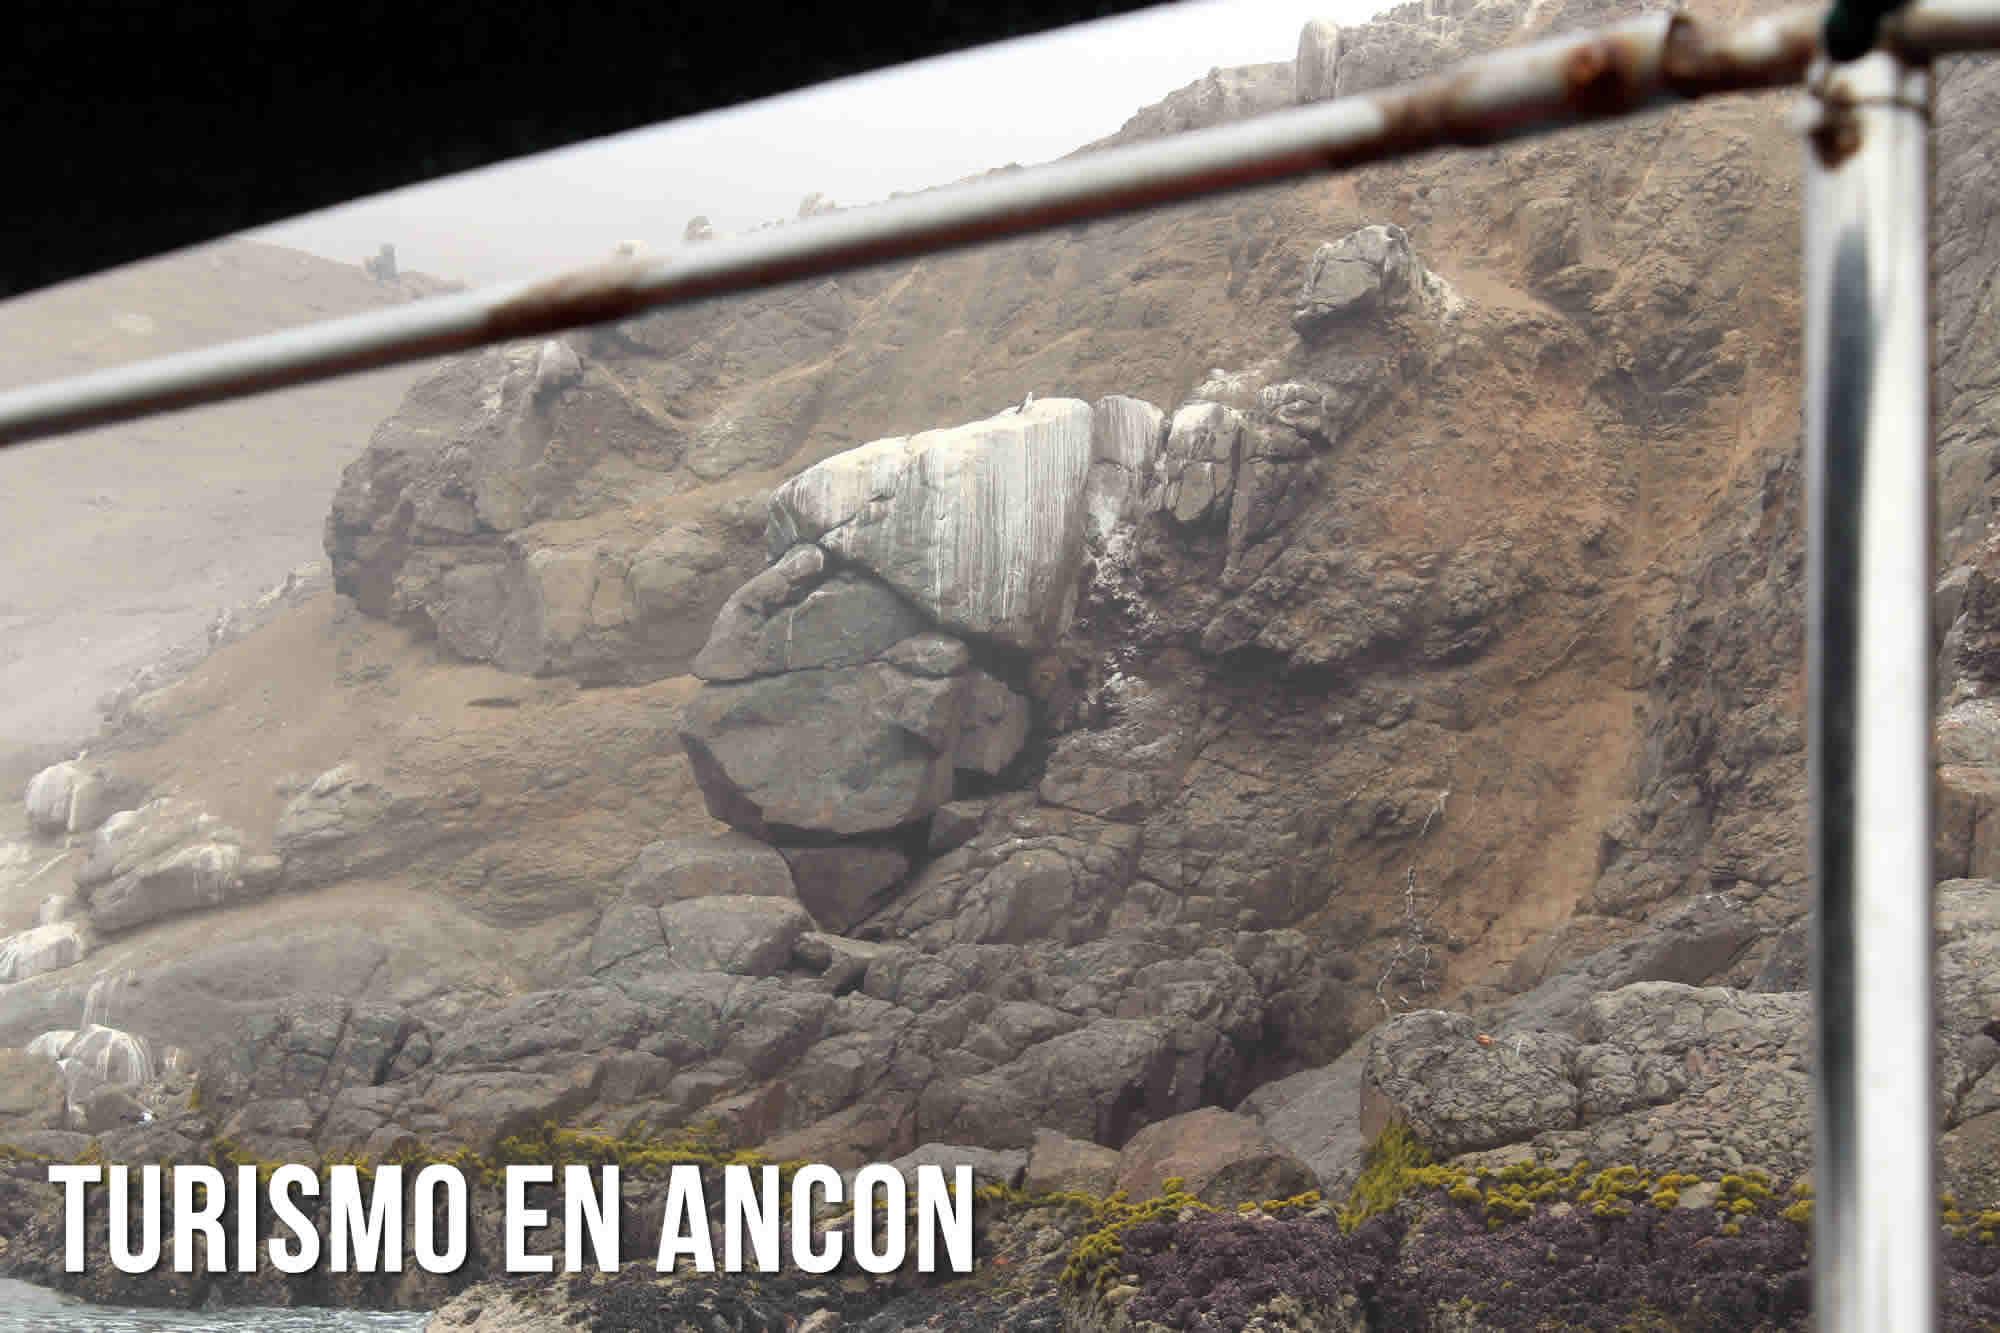 TURISMO EN ANCON | RECURSOS NATURALES